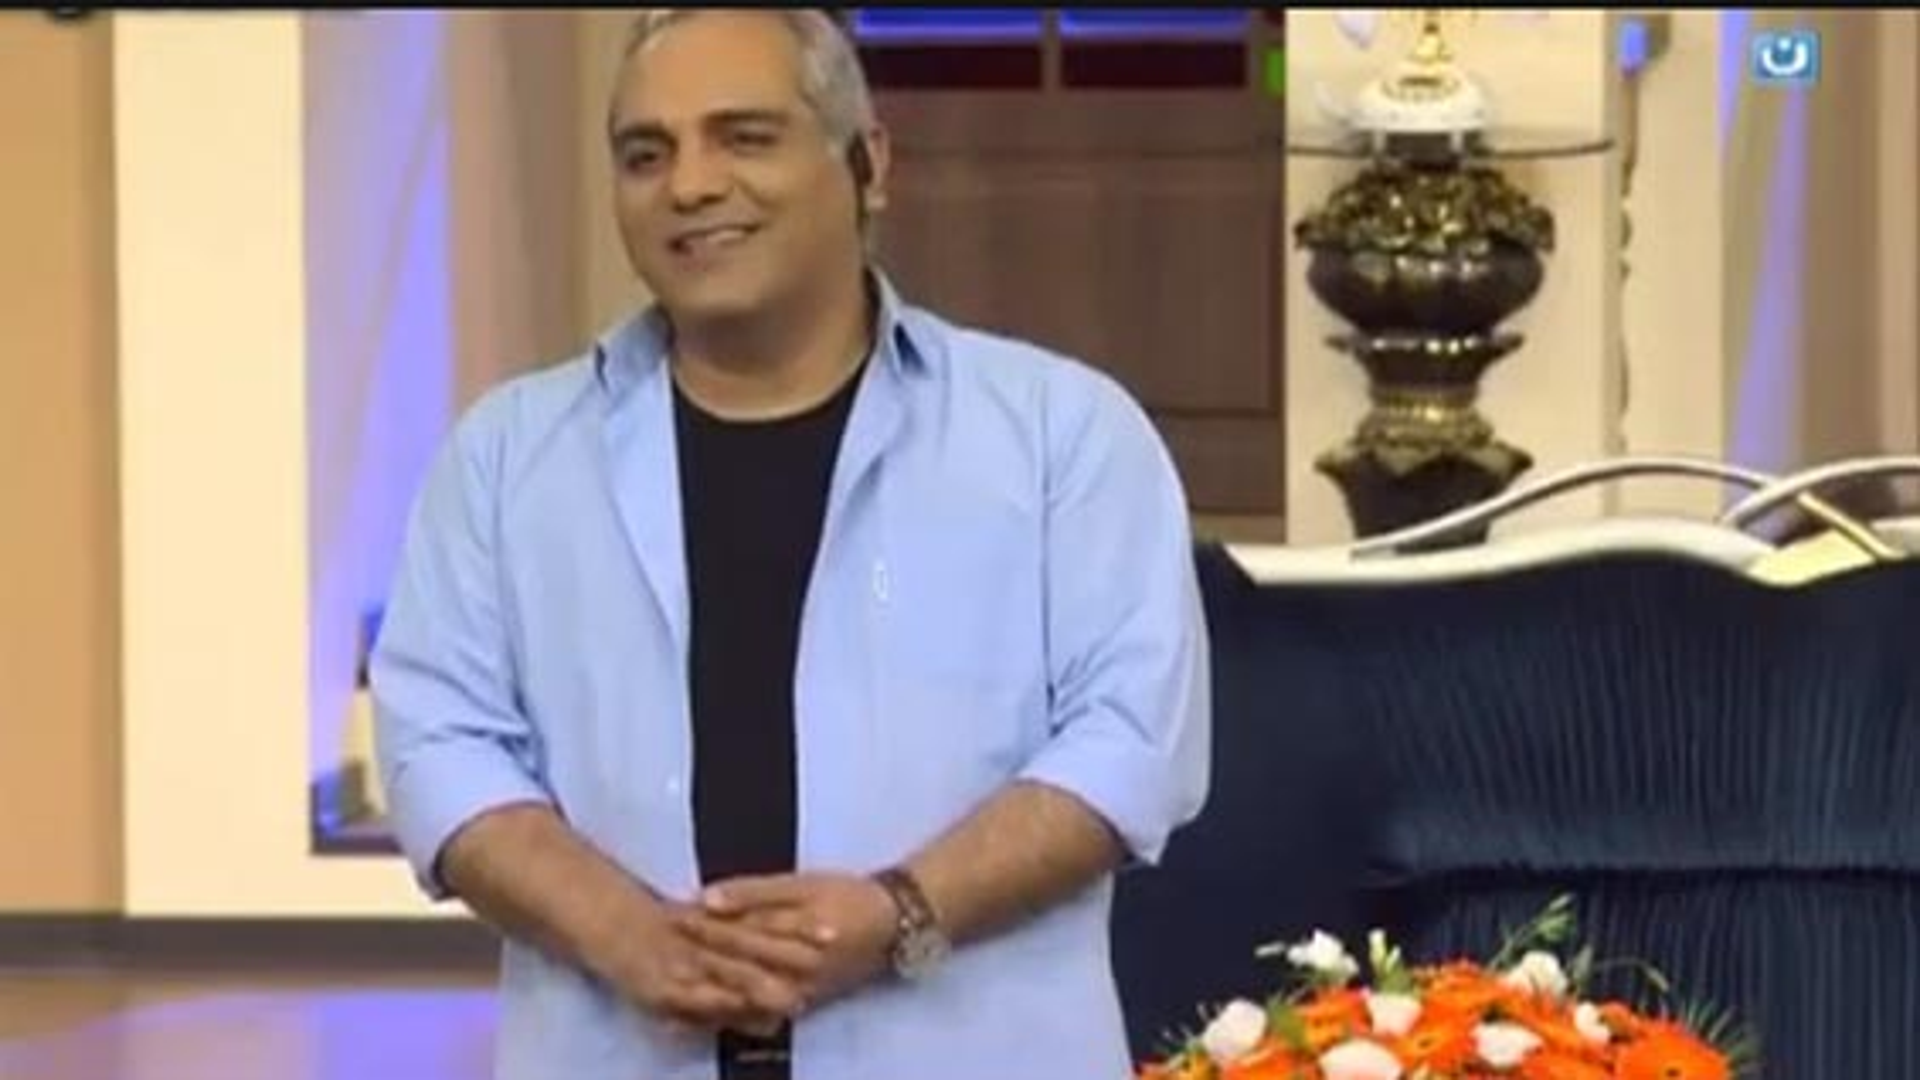 اعتیاد به موبایل در استندآپ کمدی مهران مدیری   فیلم